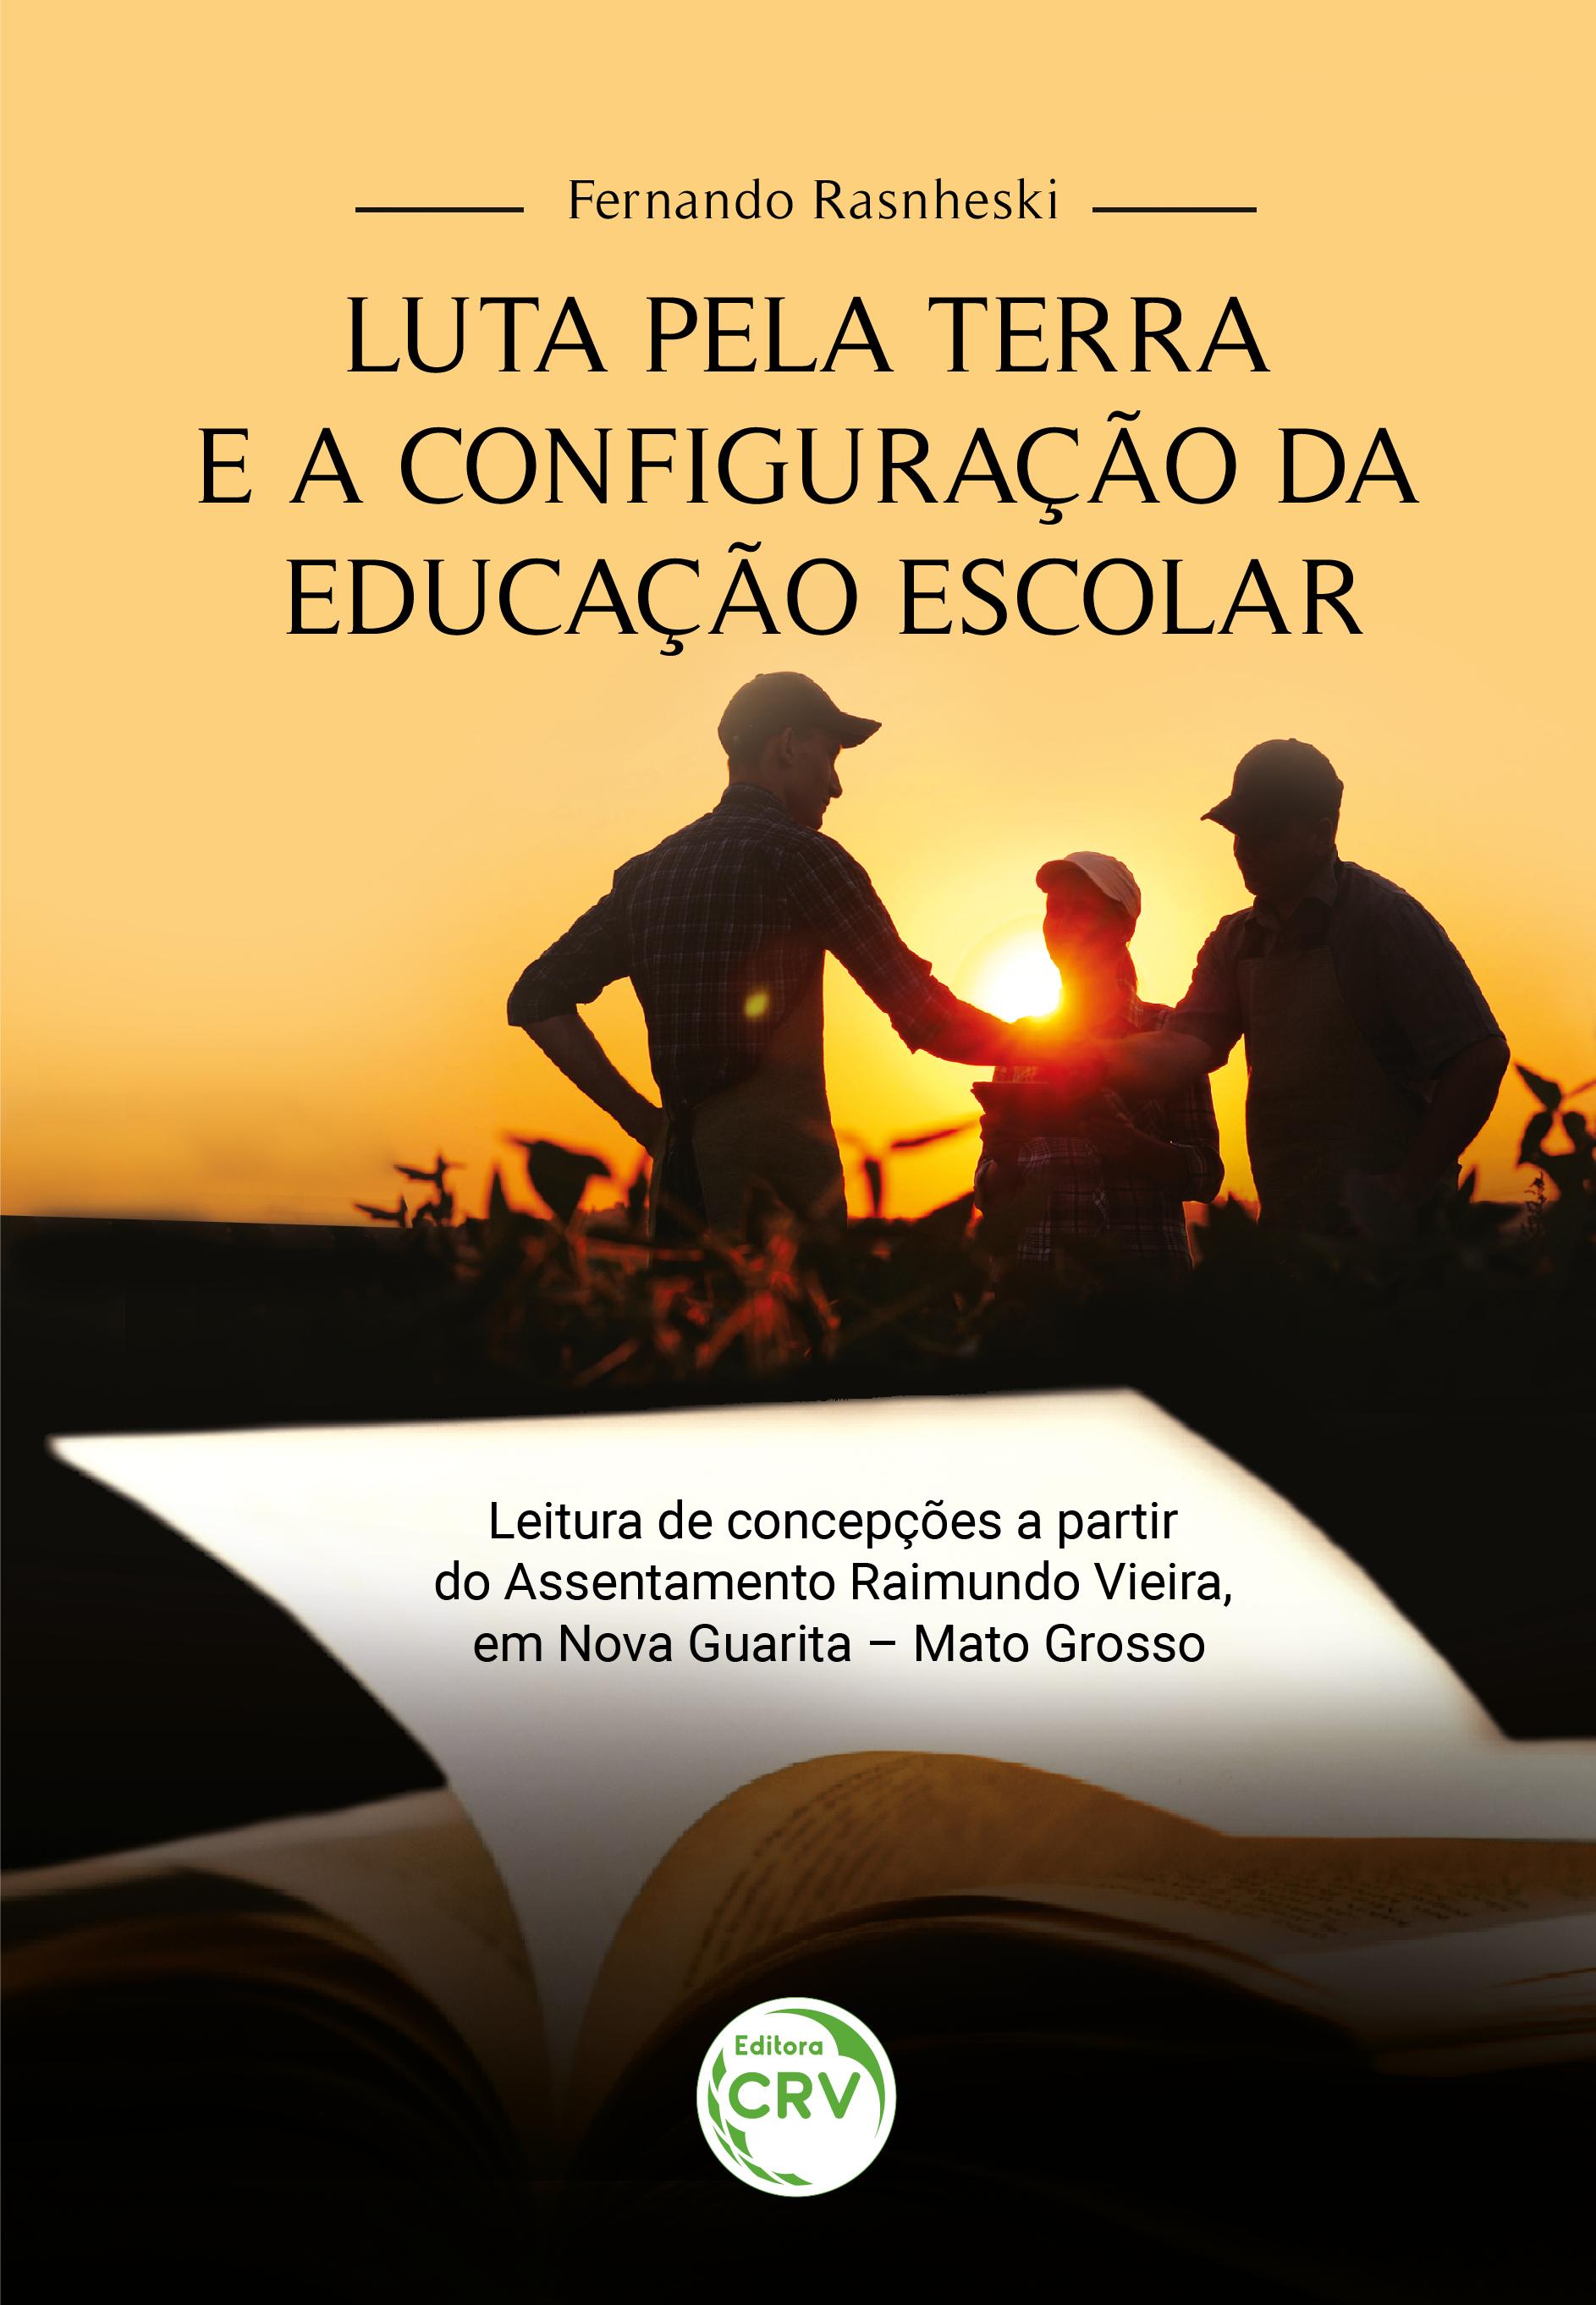 Capa do livro: LUTA PELA TERRA E A CONFIGURAÇÃO DA EDUCAÇÃO ESCOLAR: <br> Leitura de concepções a partir do Assentamento Raimundo Vieira, em Nova Guarita <br> Mato Grosso